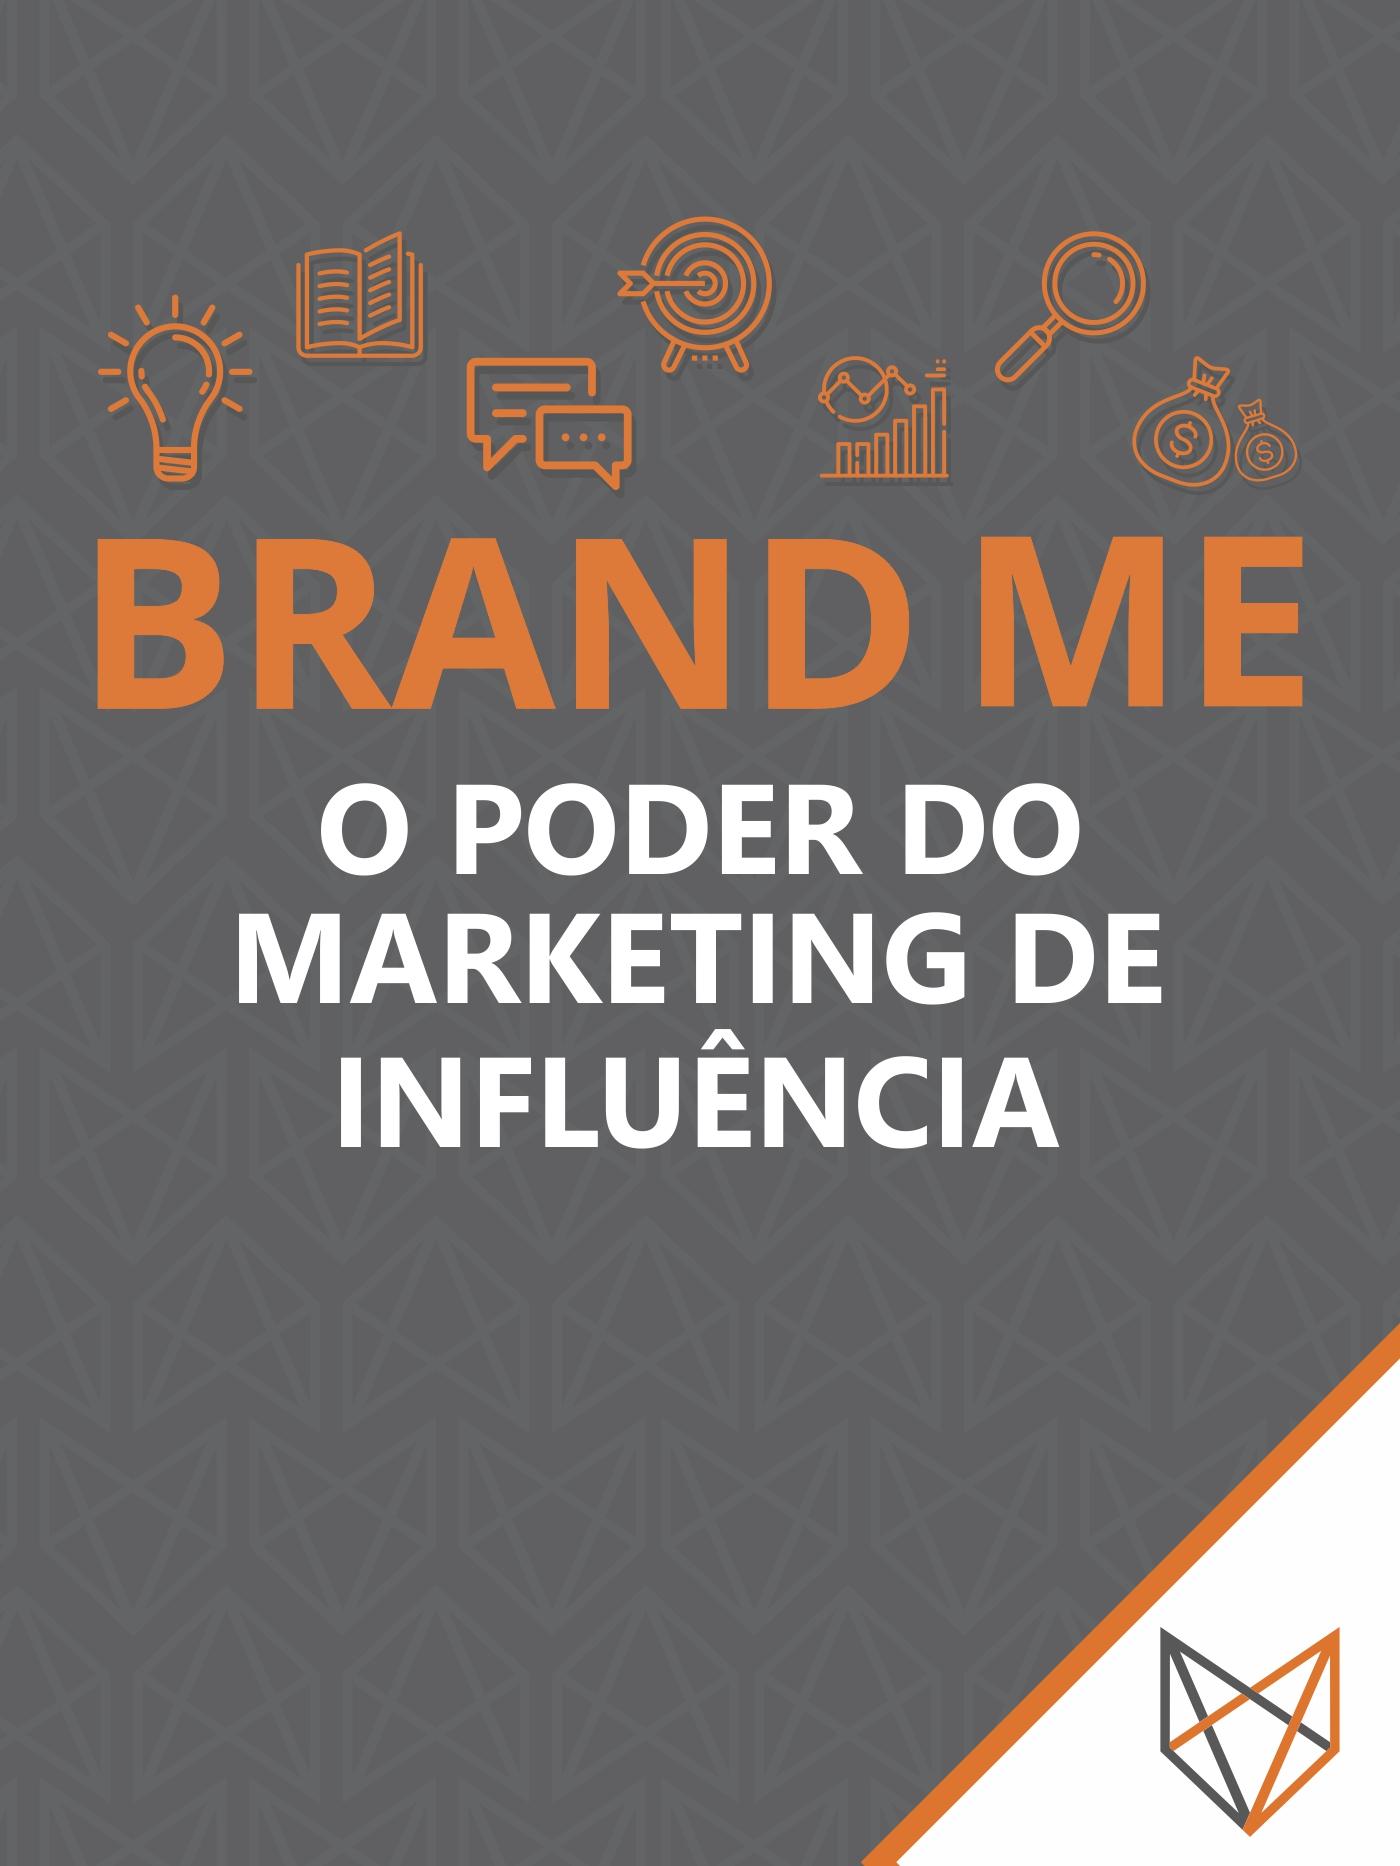 o poder do marketing de influencia